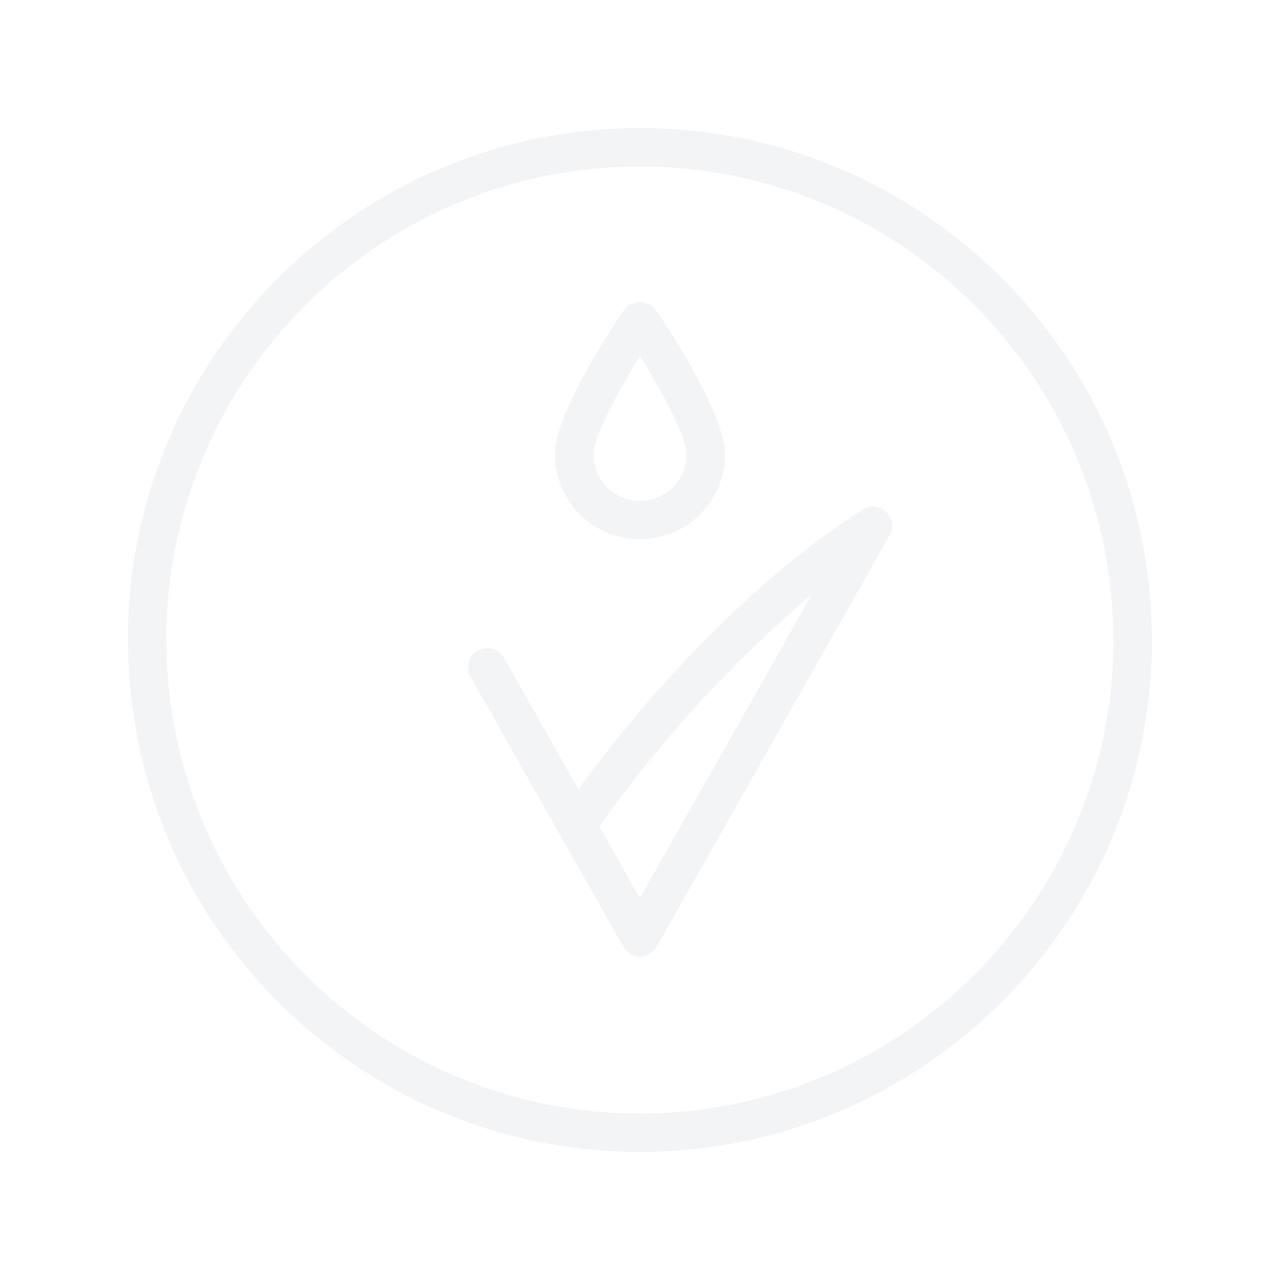 Maybelline Affinitone Concealer Stick No.04 Golden